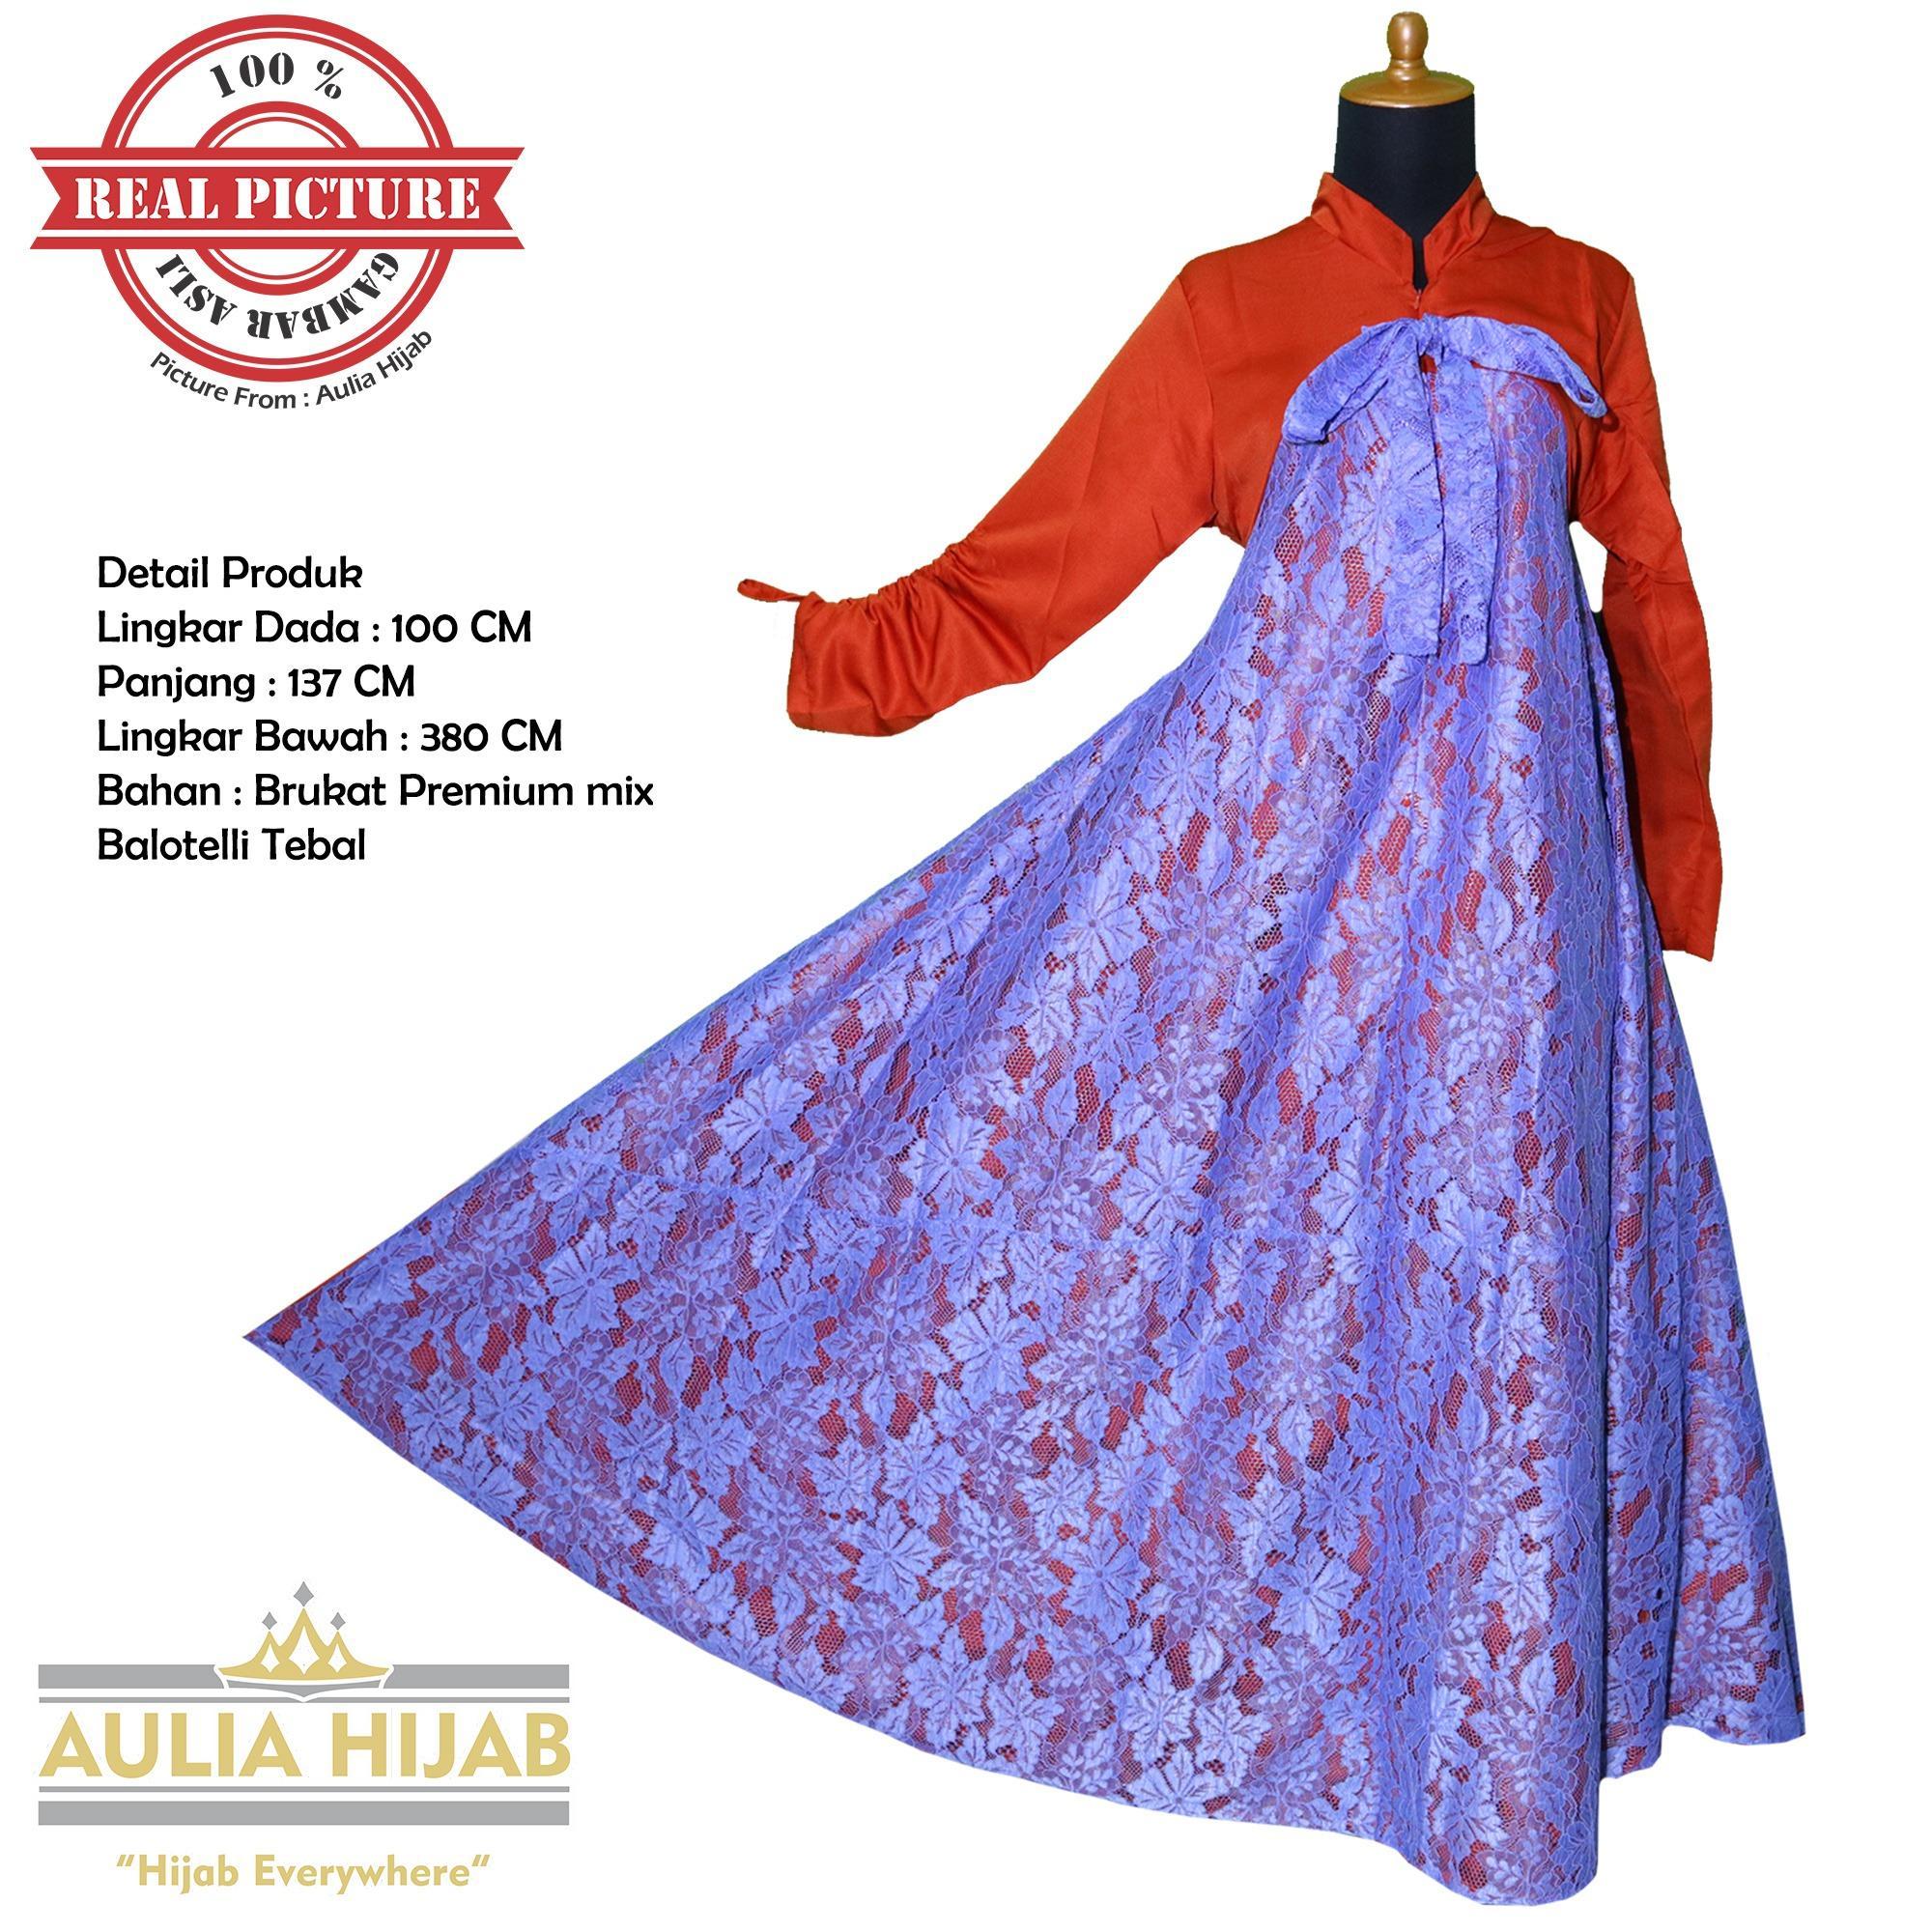 Promo Aulia Hijab Gamis Brukat Asli Alina Dress Bahan Brukat Gamis Pesta Gamis Kerja Gamis Kondangan Gamis Brukat Gamis Brokat Gamis Terbaru Gamis Real Picture Gamis Cantik Akhir Tahun